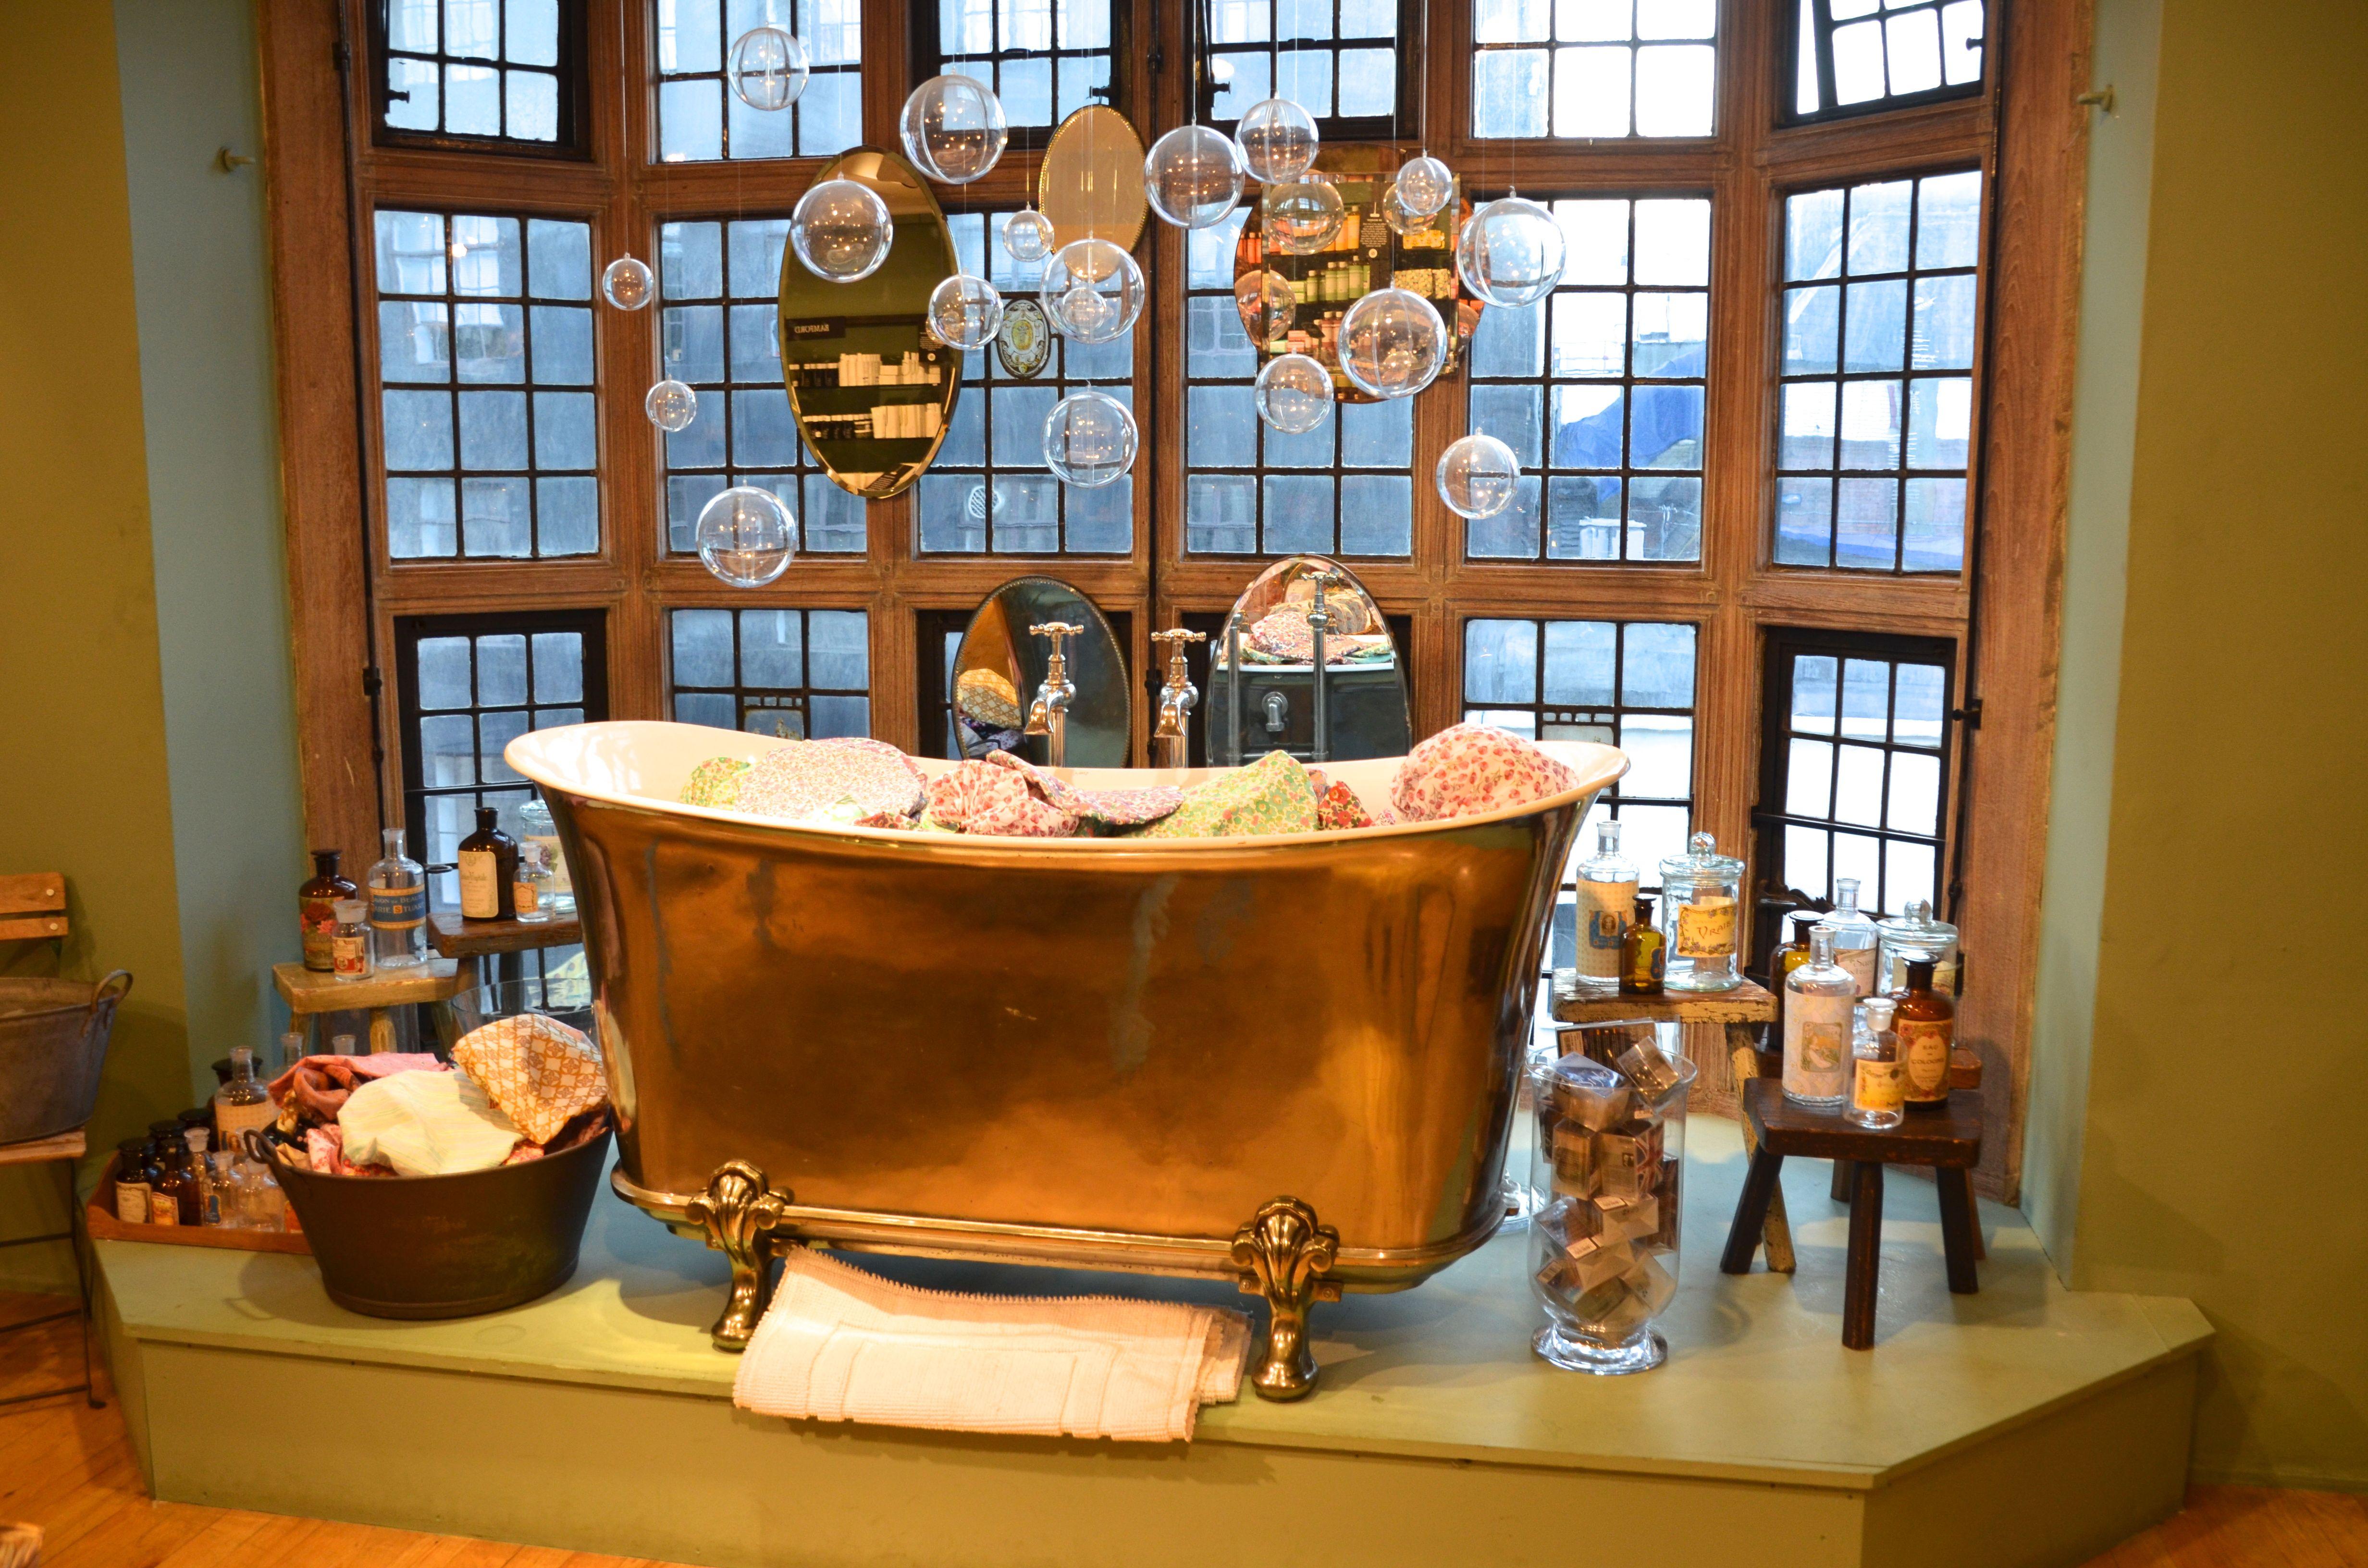 liberty bathtub london - Google Search